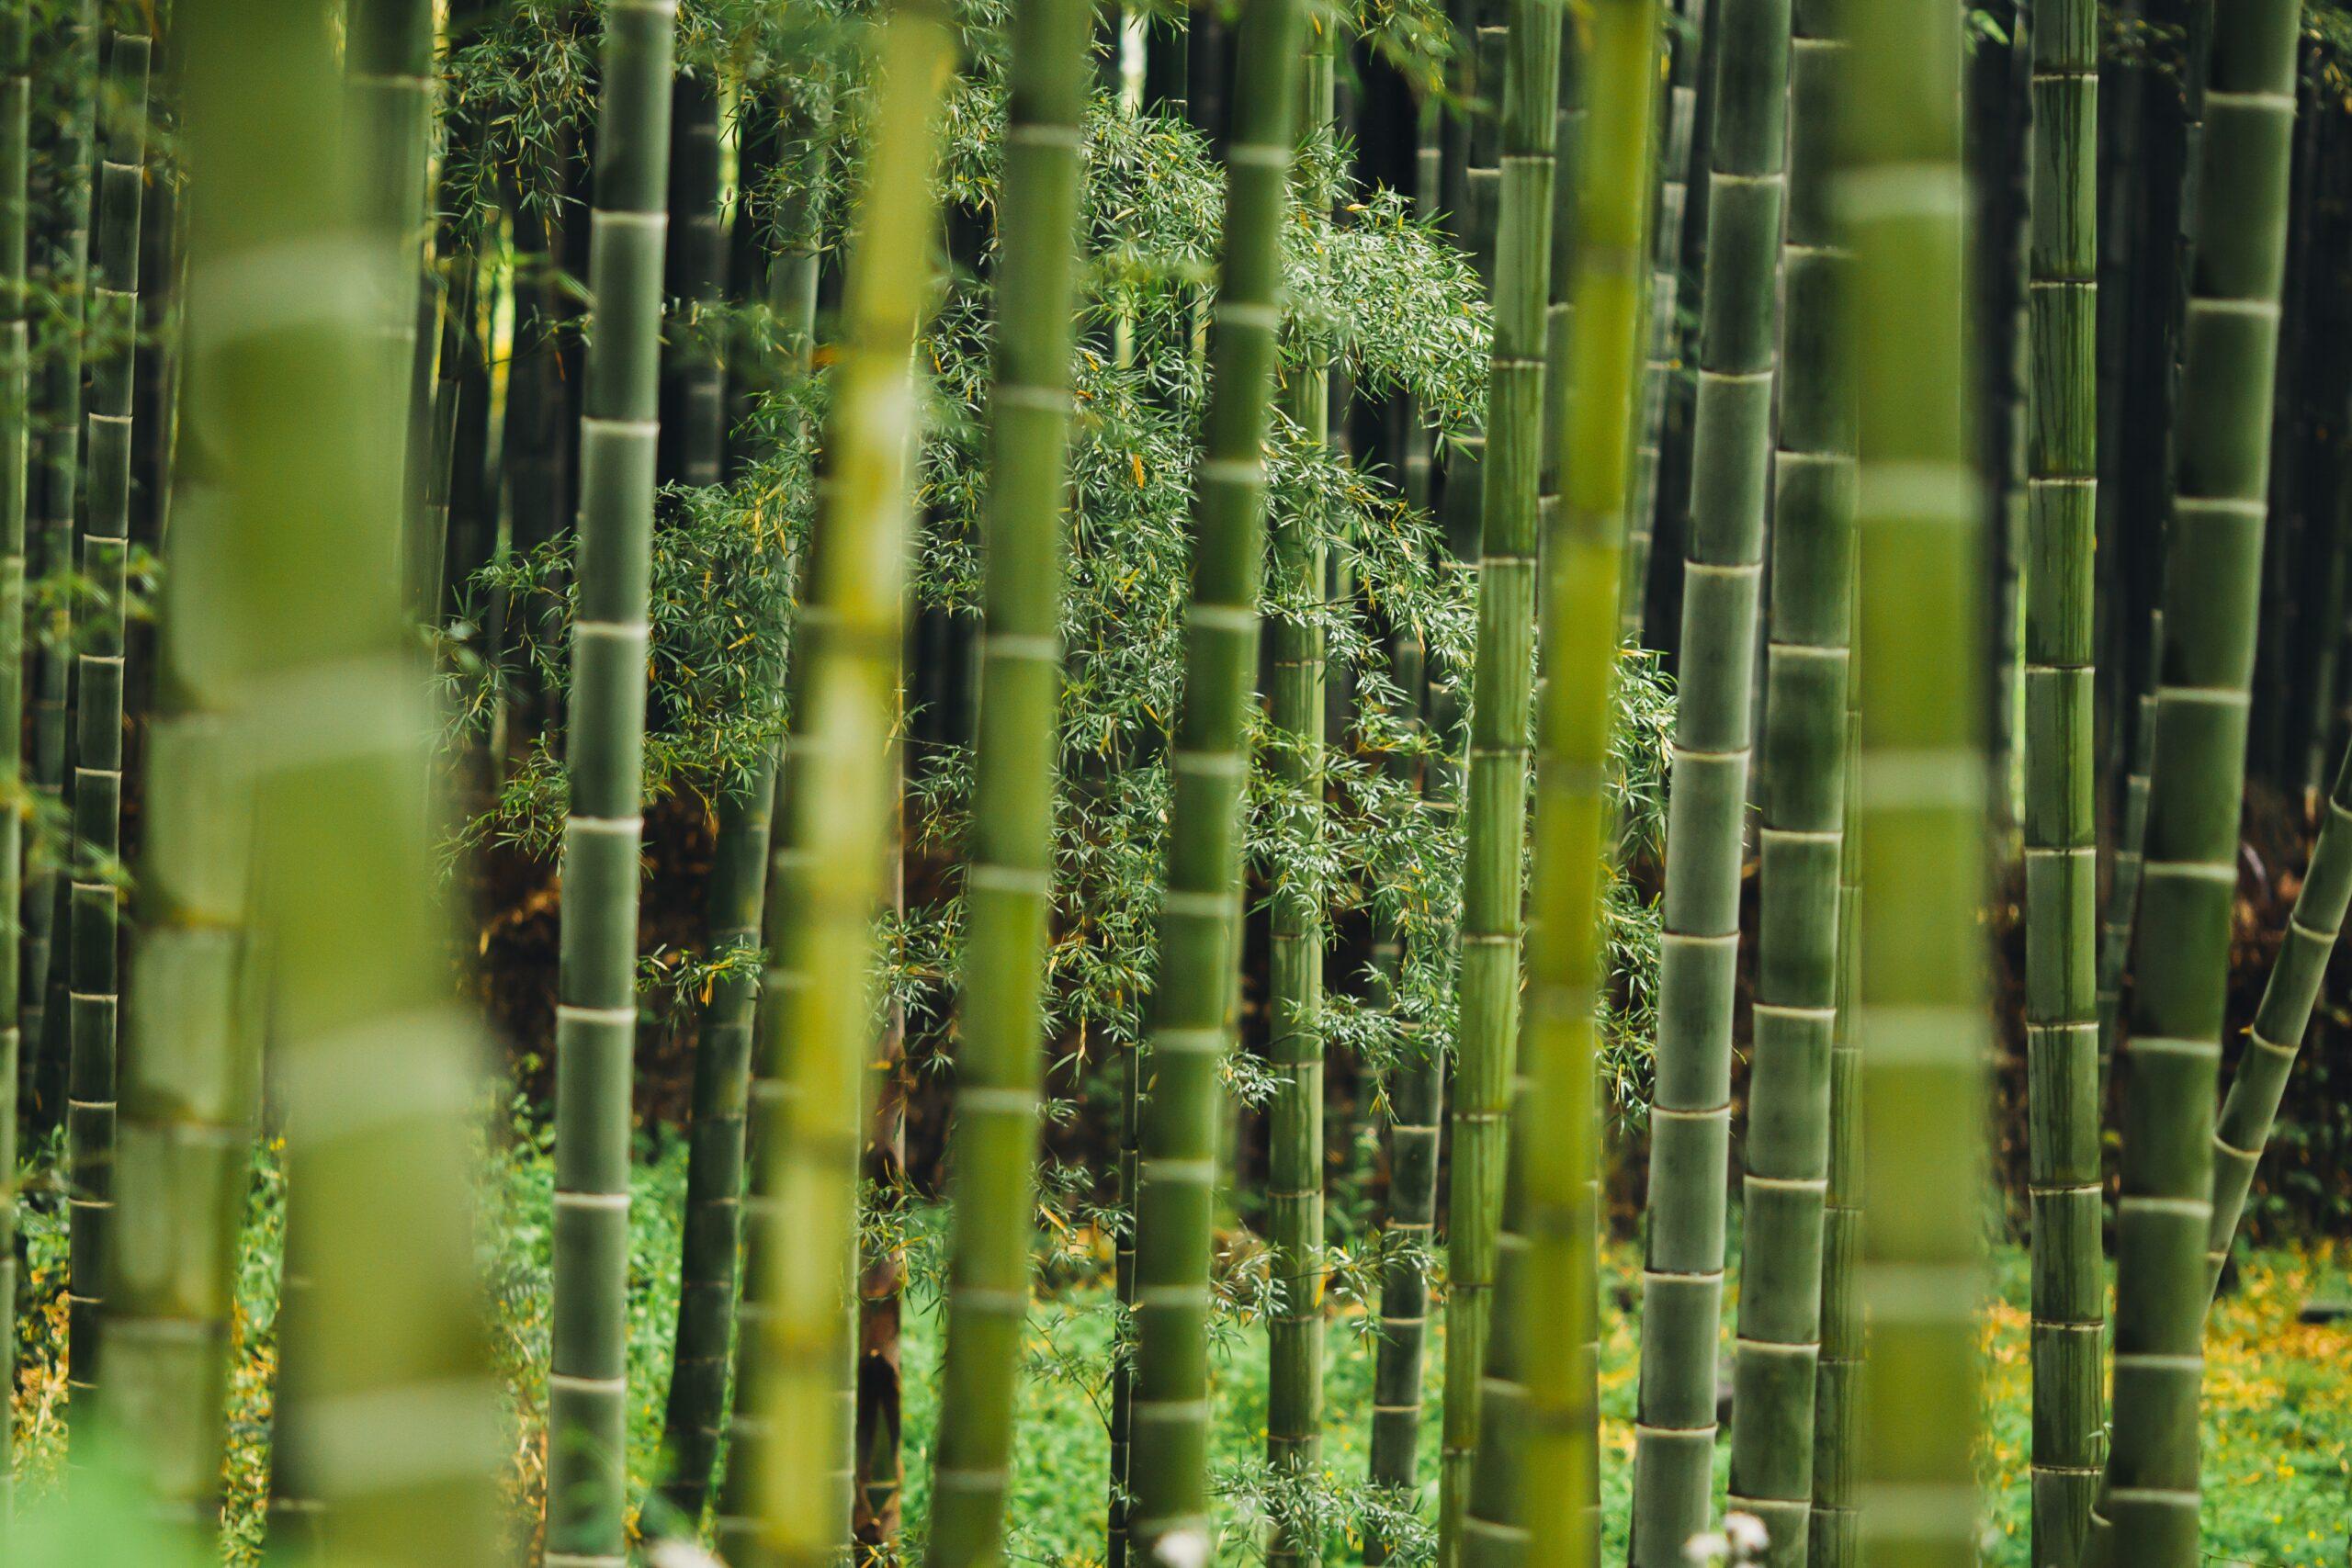 Bambù o bamboo: facciamo chiarezza